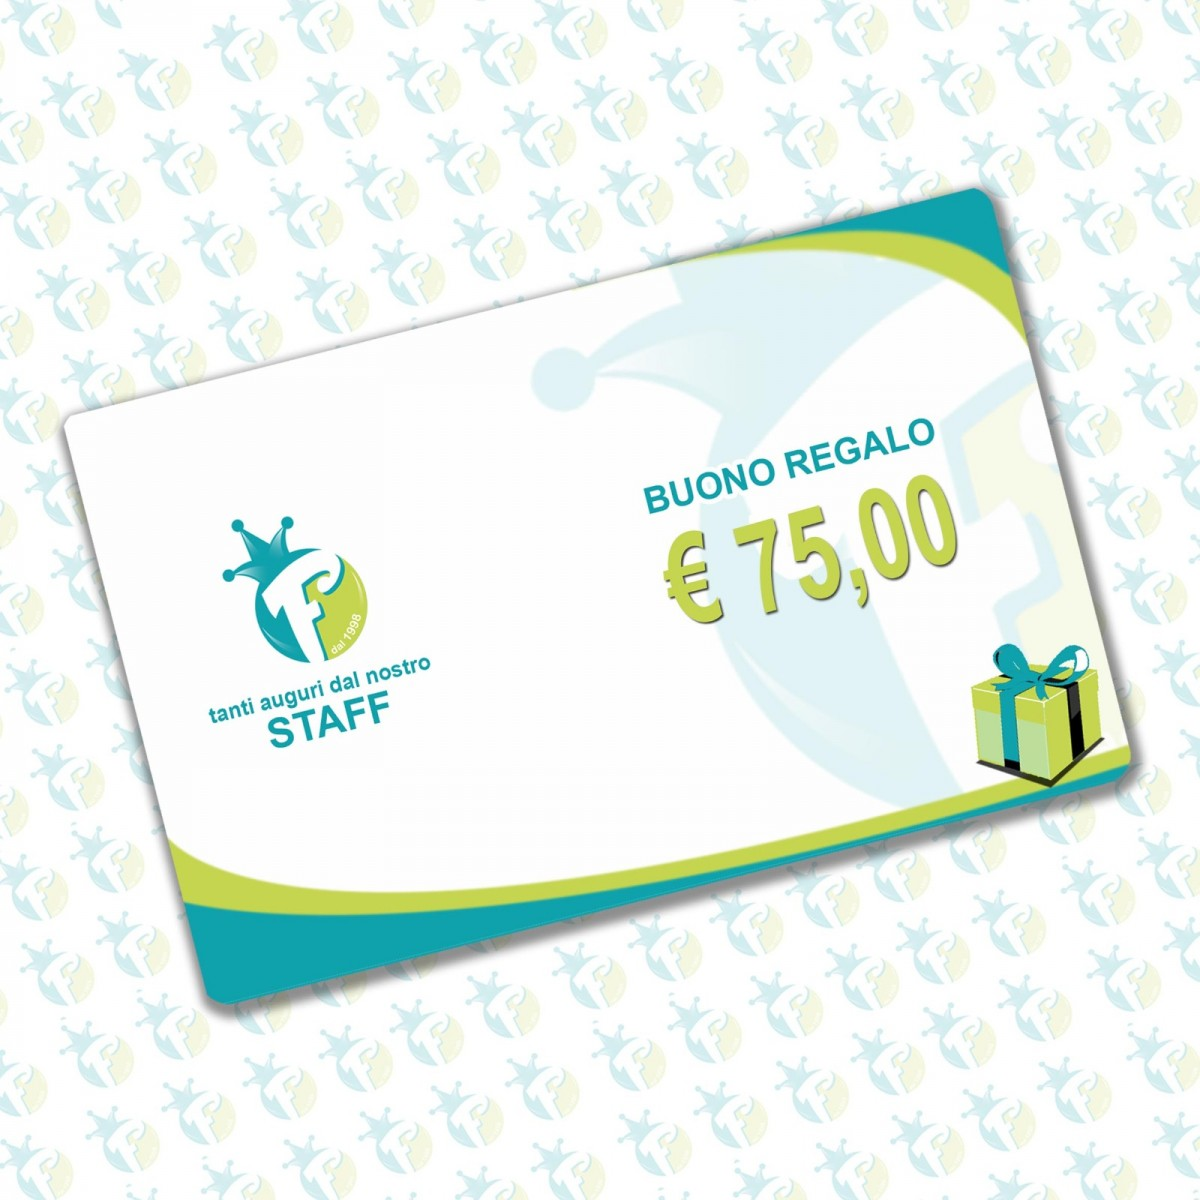 Buono regalo 75 €